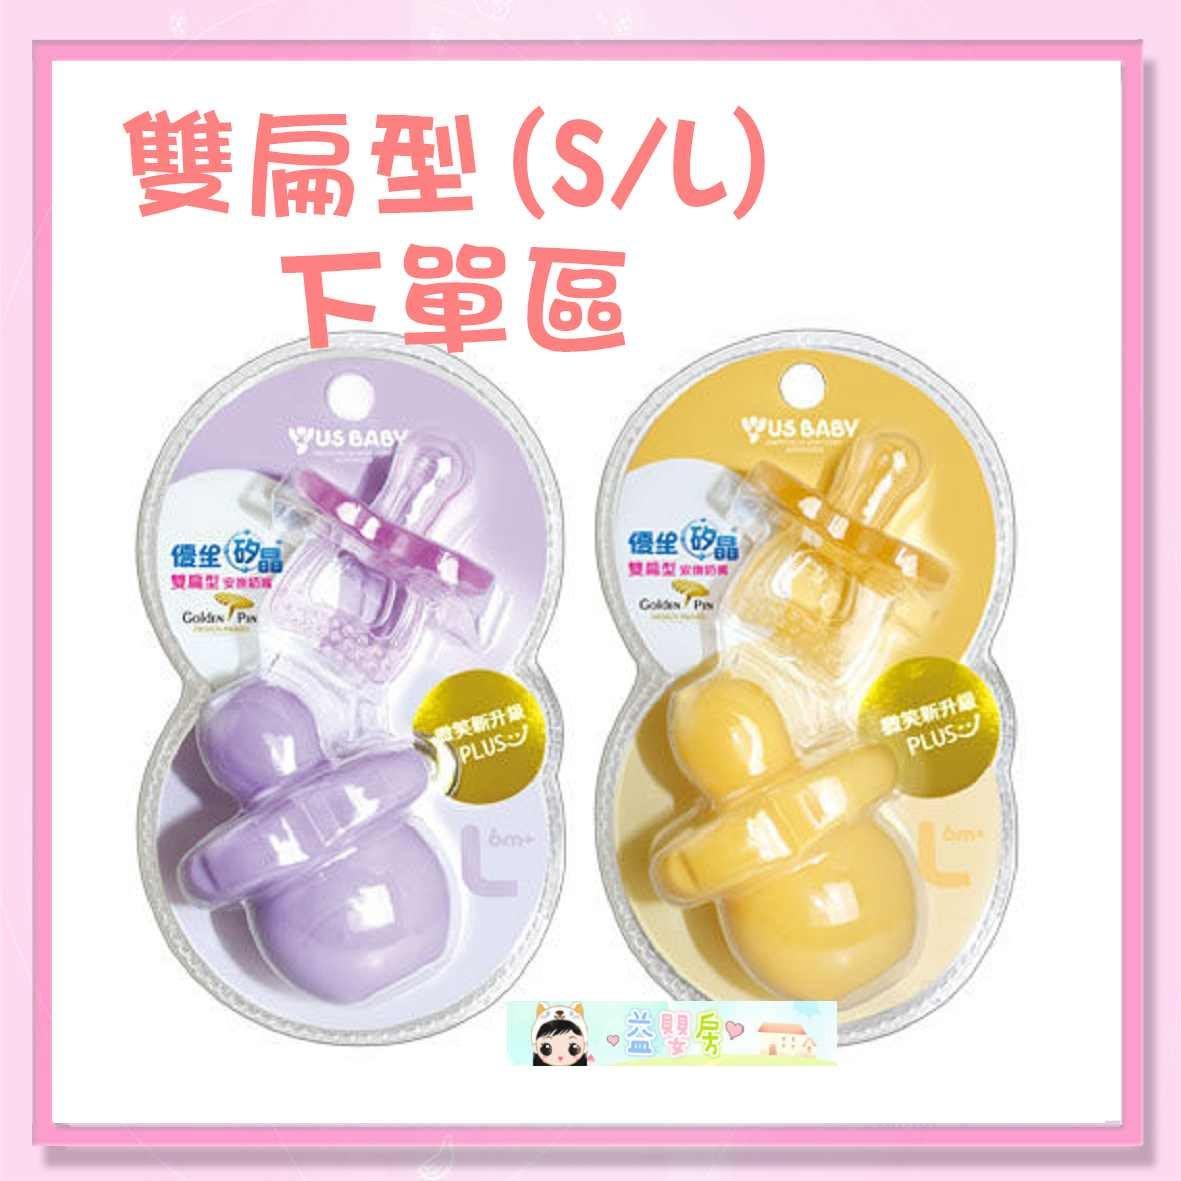 <益嬰房> 優生 US BABY 矽晶安撫奶嘴 微笑新升級(雙扁型)S/L (紫色/橘黃色)